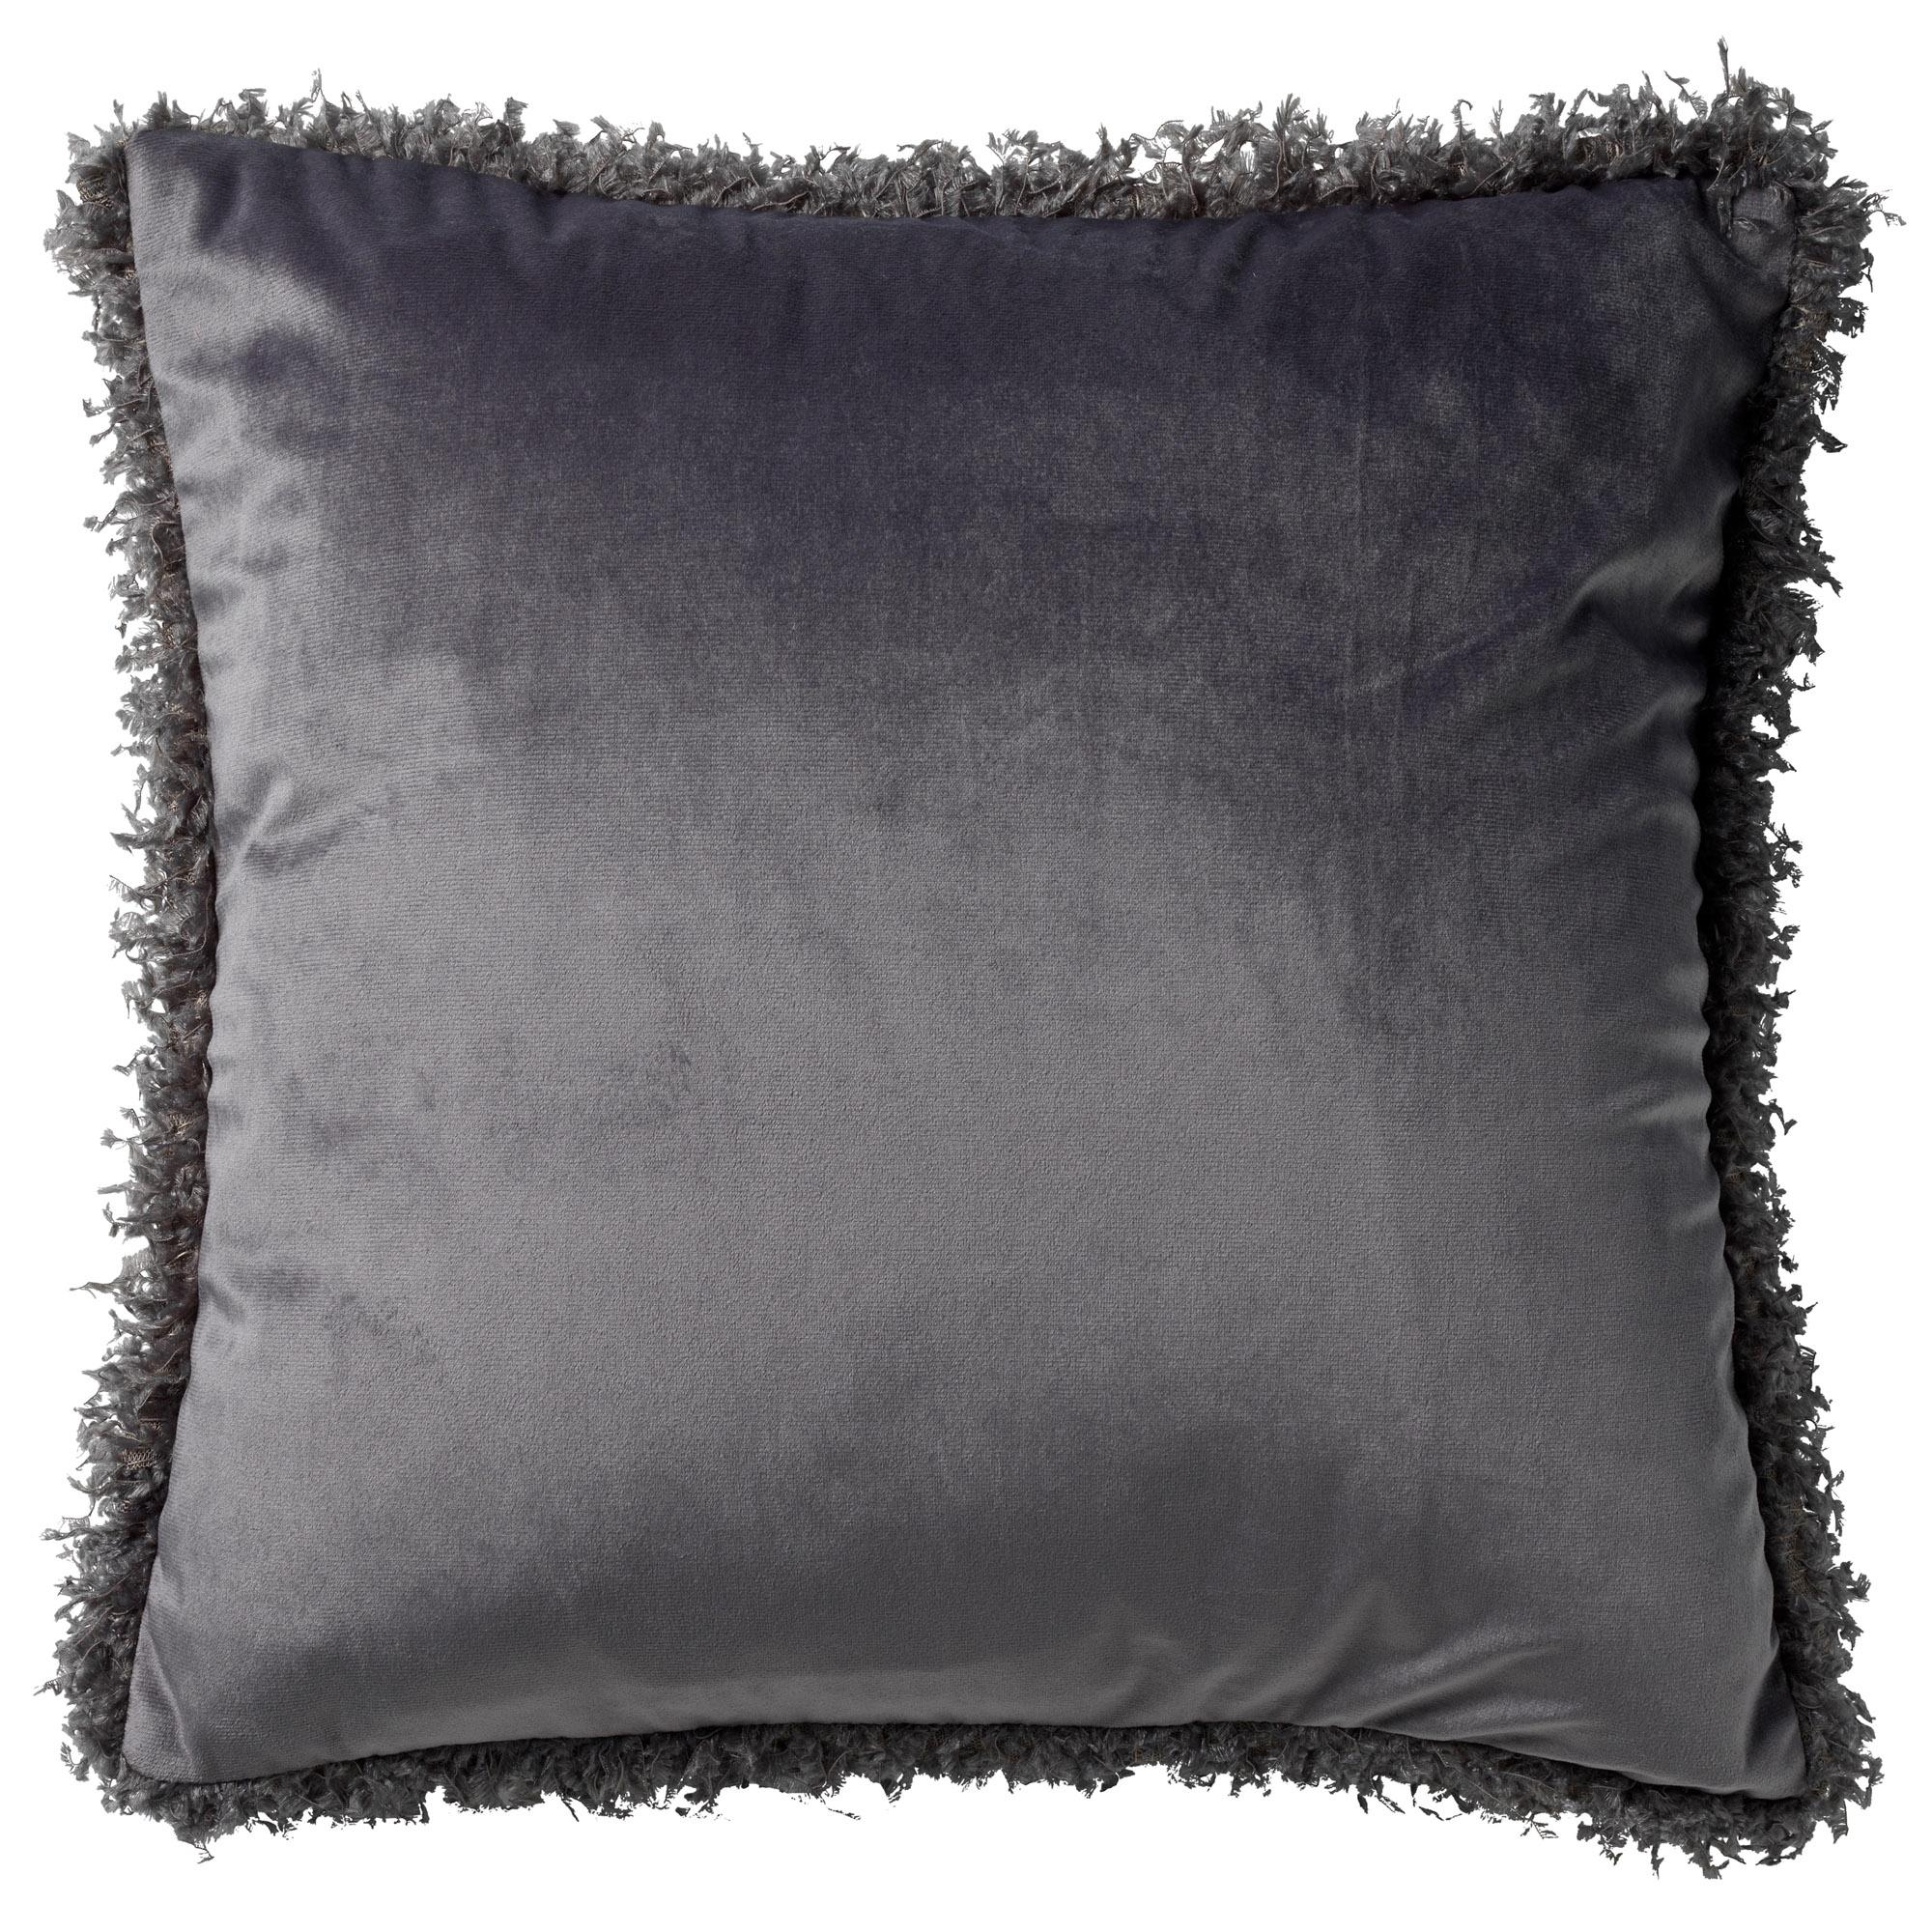 SAARA - Sierkussen velvet Charcoal Grey 45x45 cm